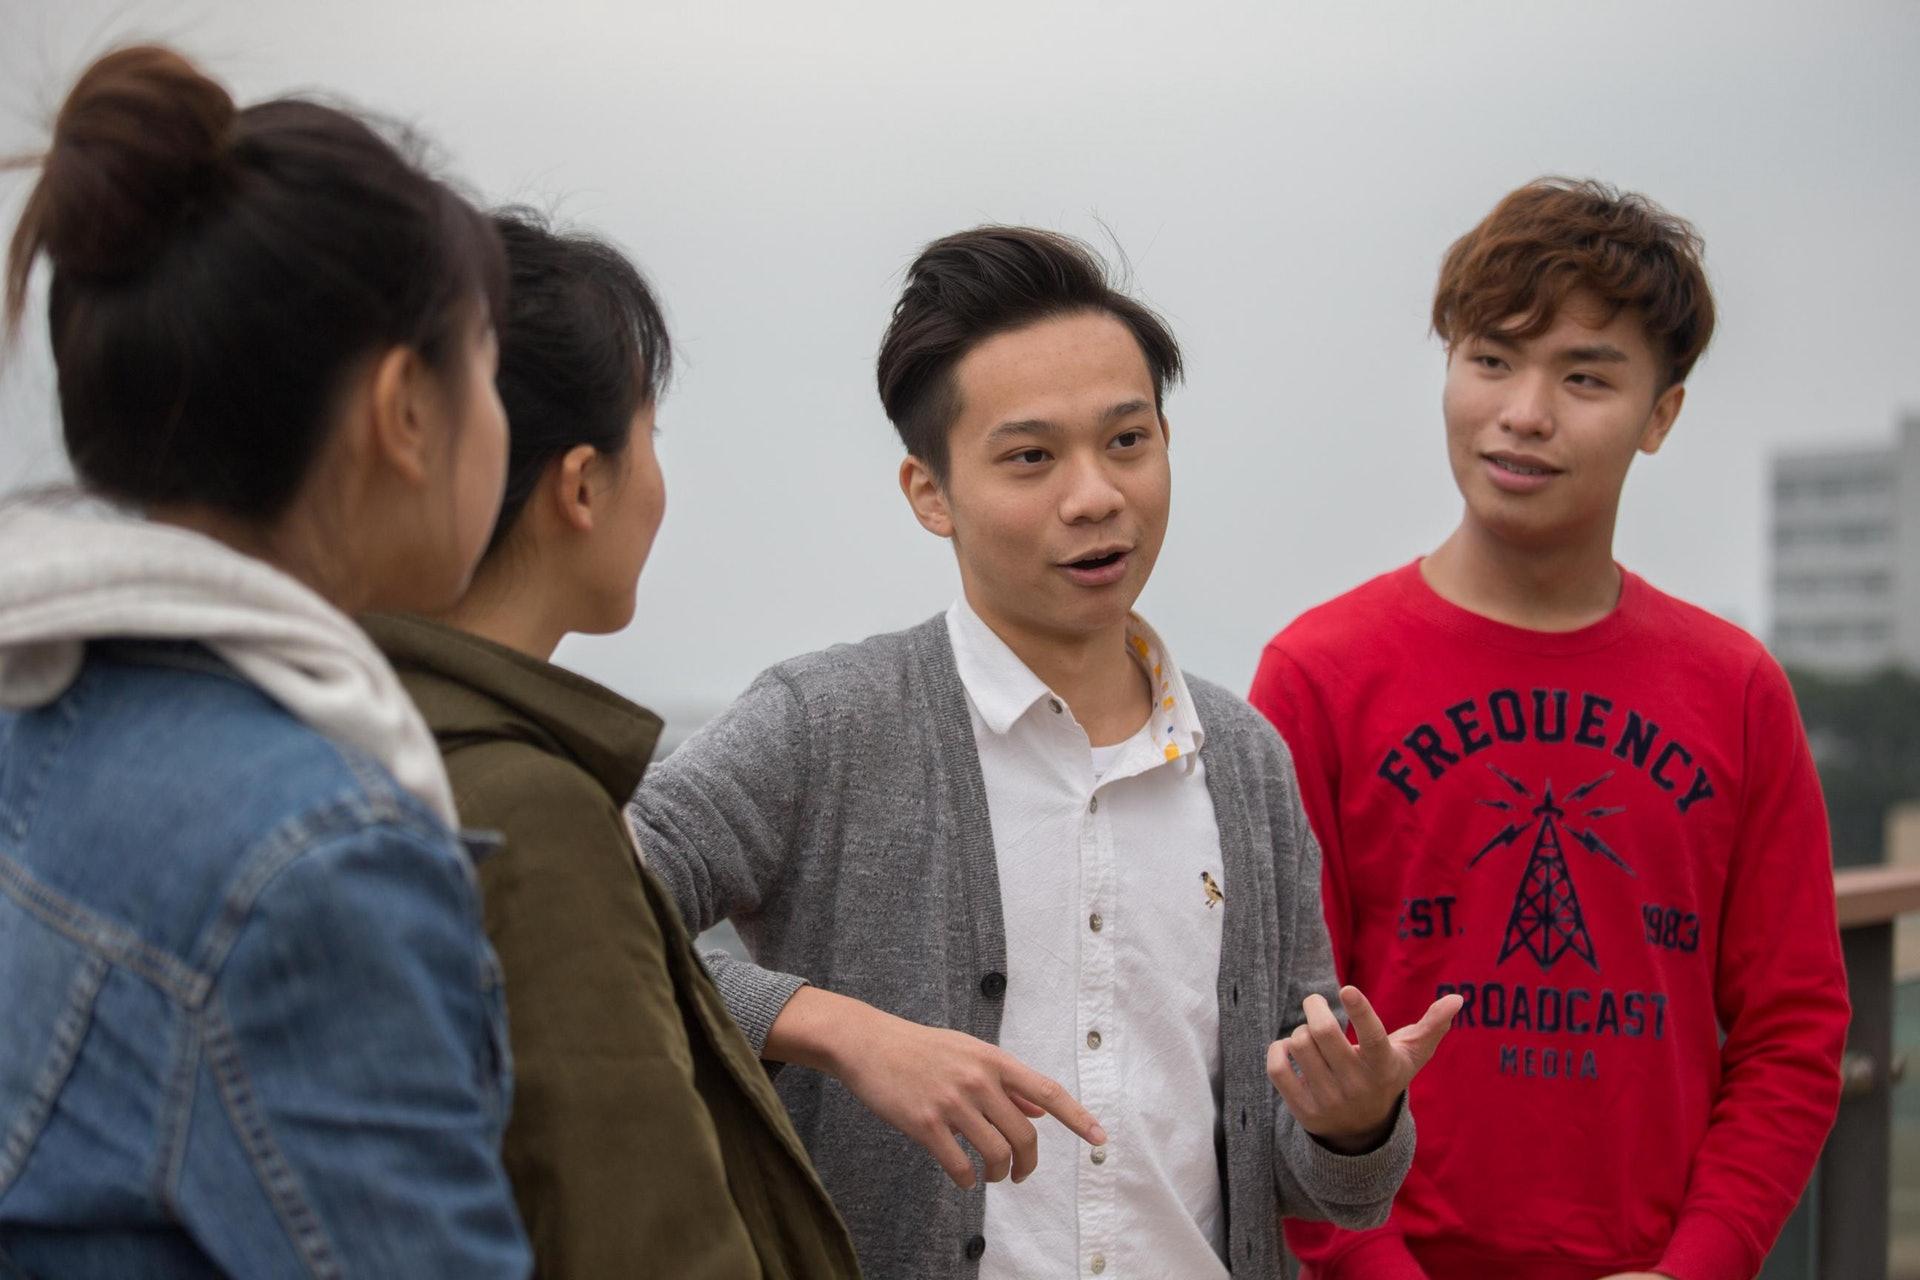 Arthur(右二)擔心,開發郊野公園邊陲會成為壞先例:「香港有咁多自然環境,係一件值得驕傲嘅事。」(梁鵬威攝)